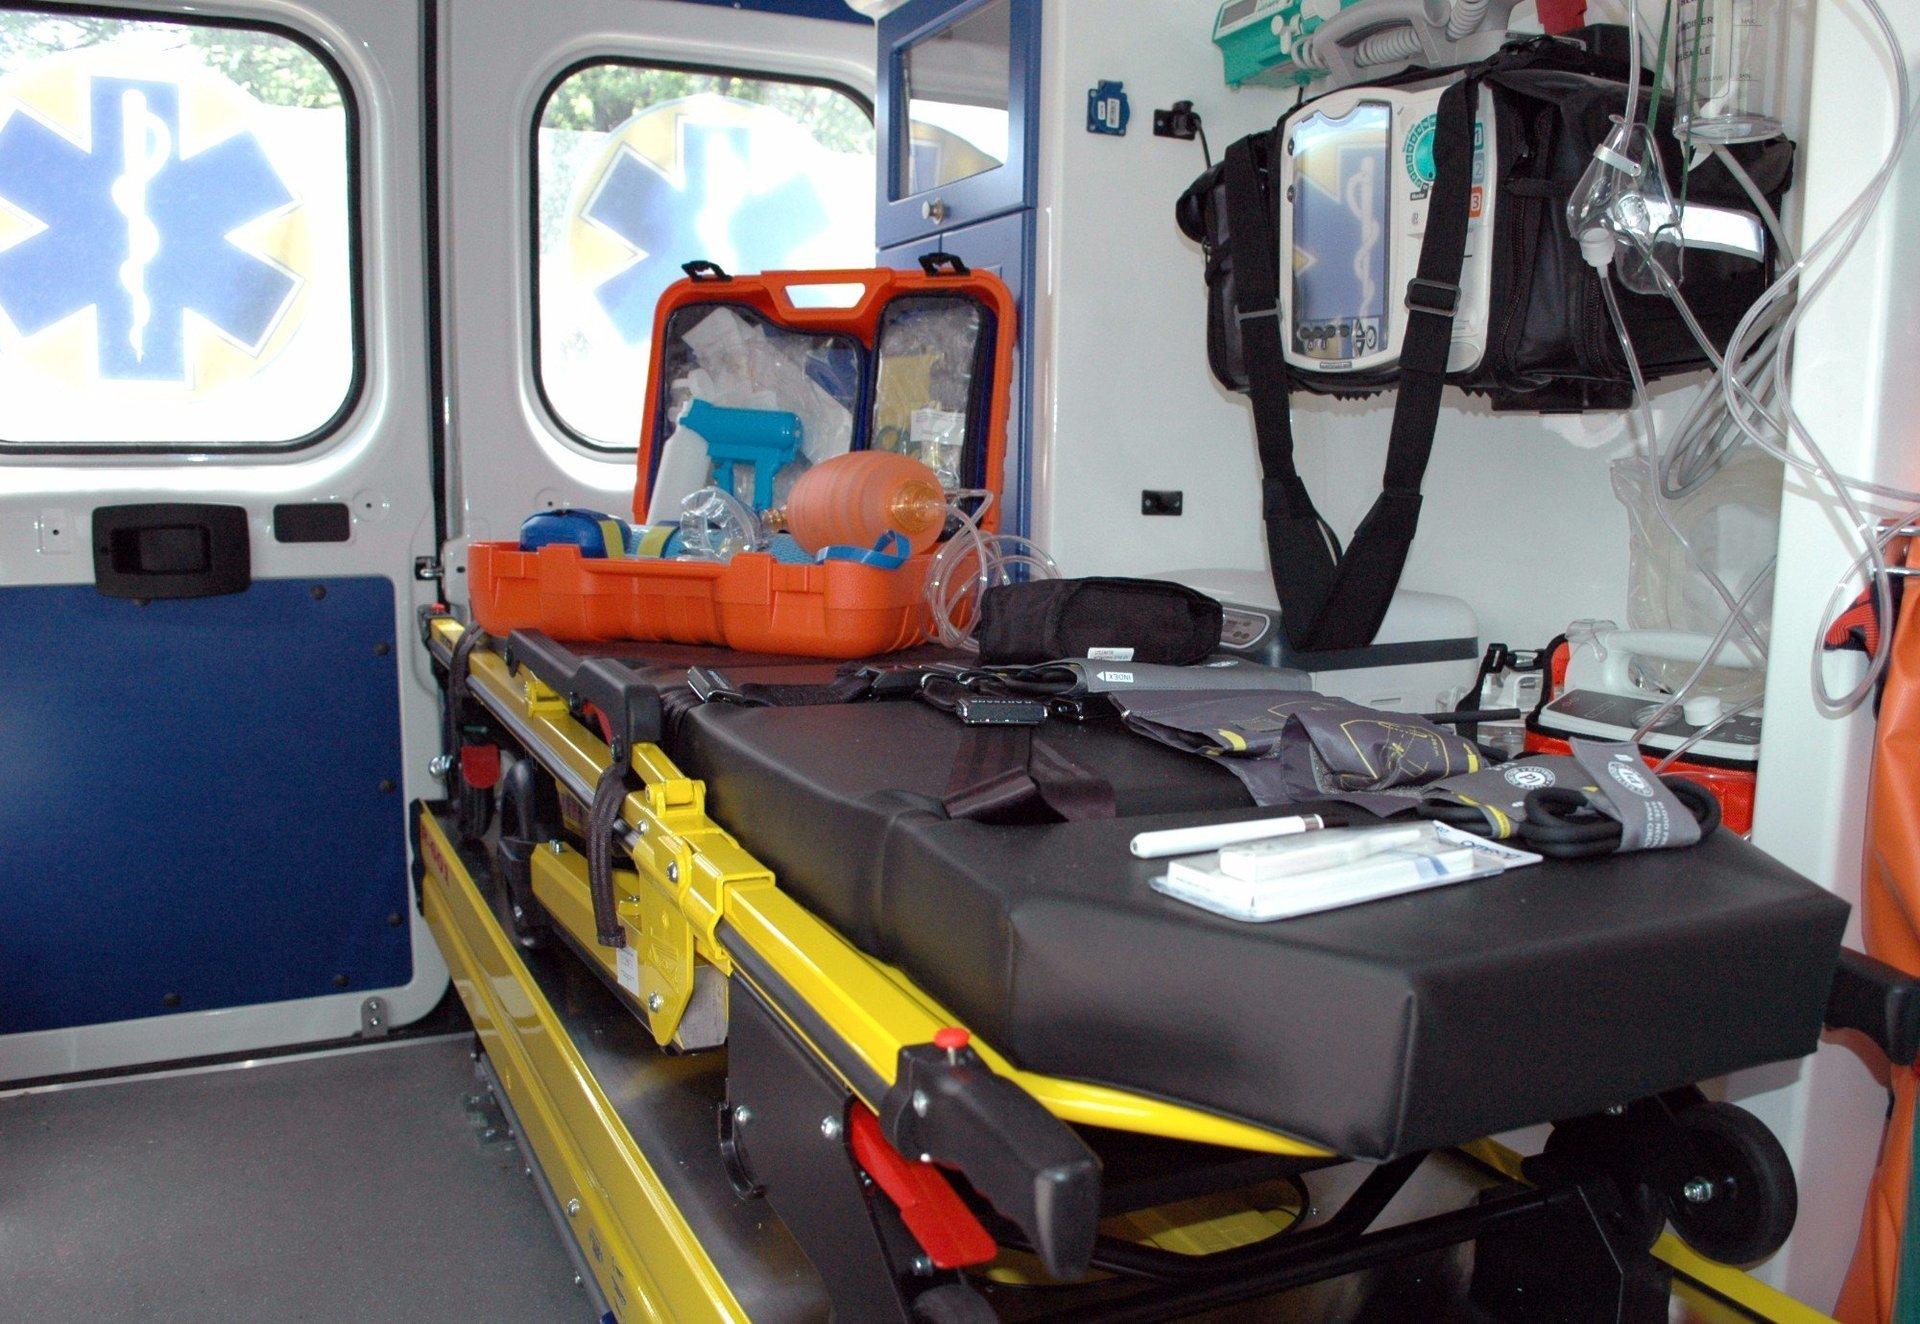 lettino e dispositivi medici all'interno dell'ambulanza